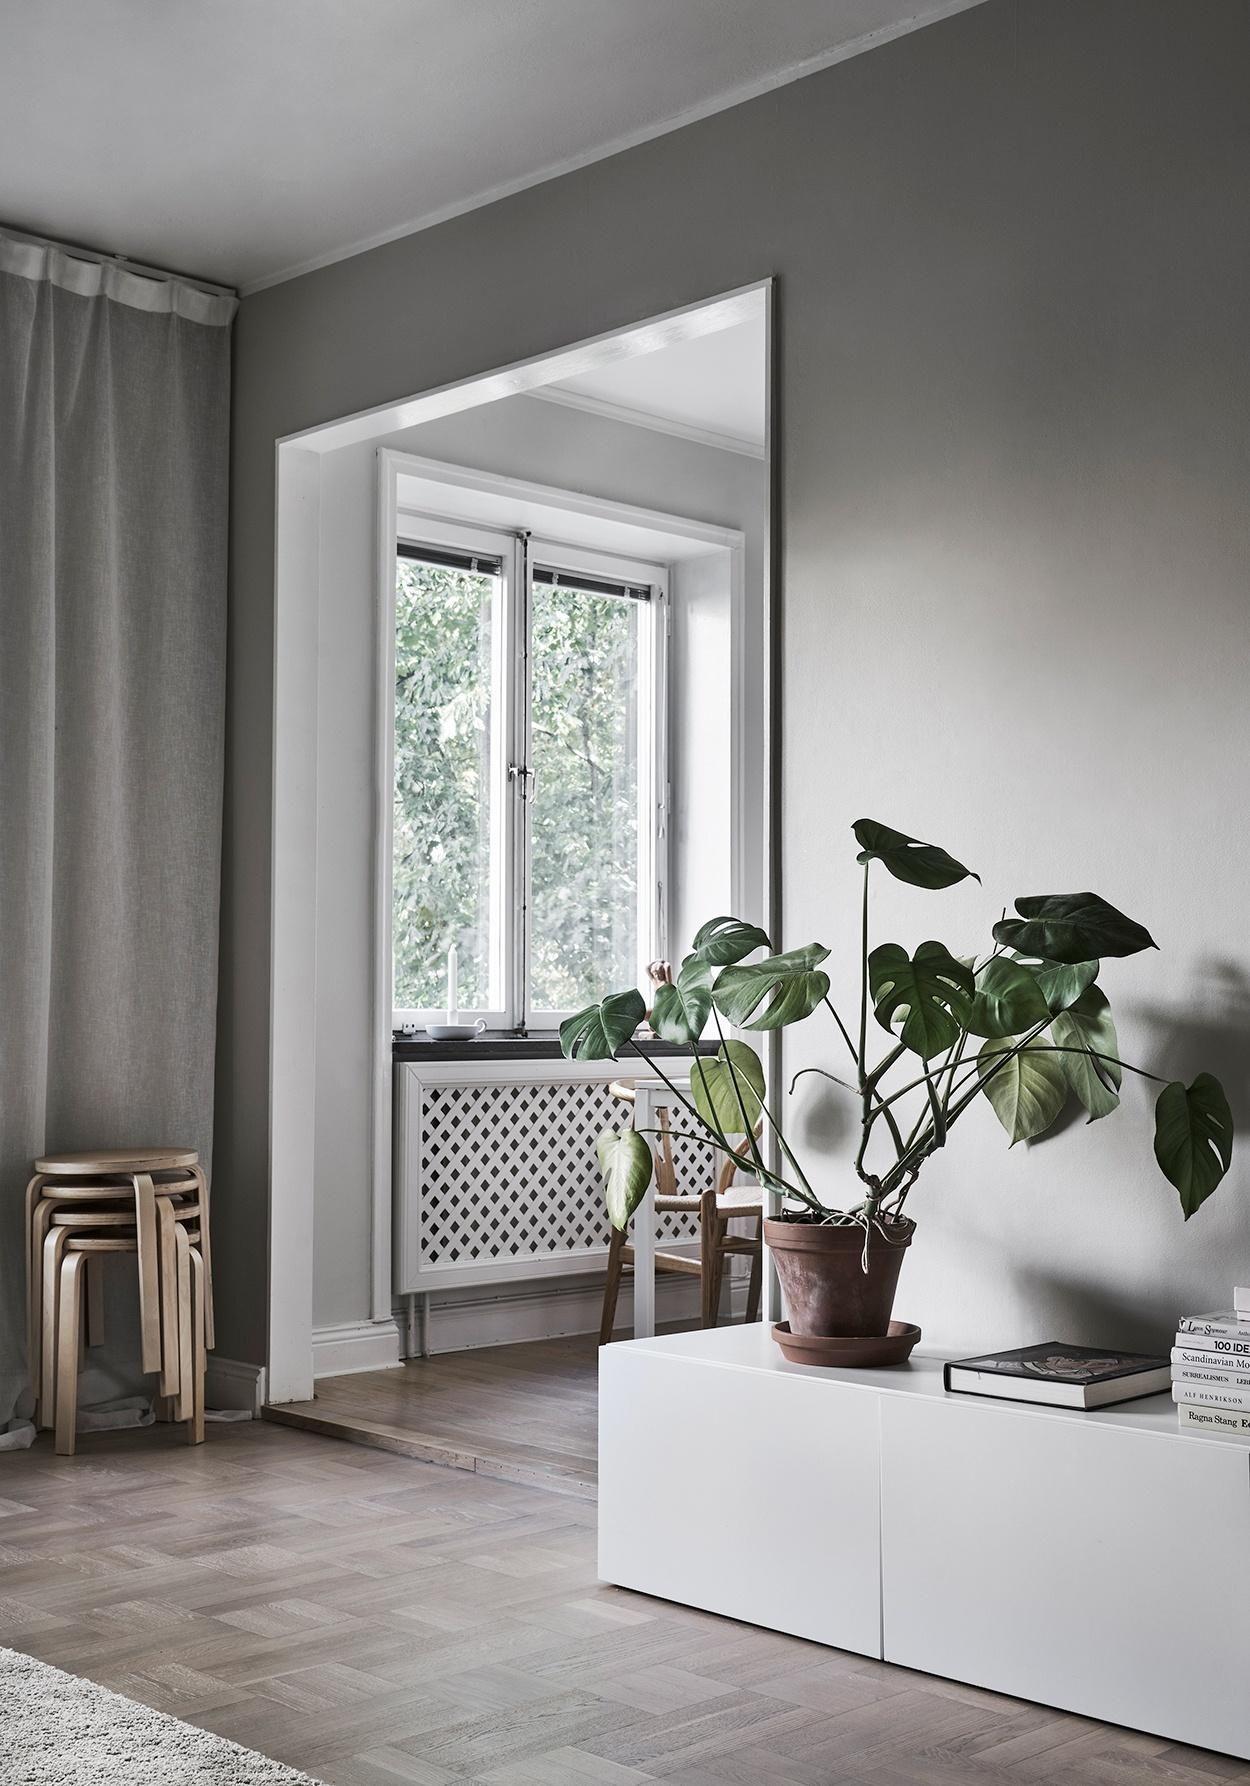 Lägenhet med knäppa detaljer